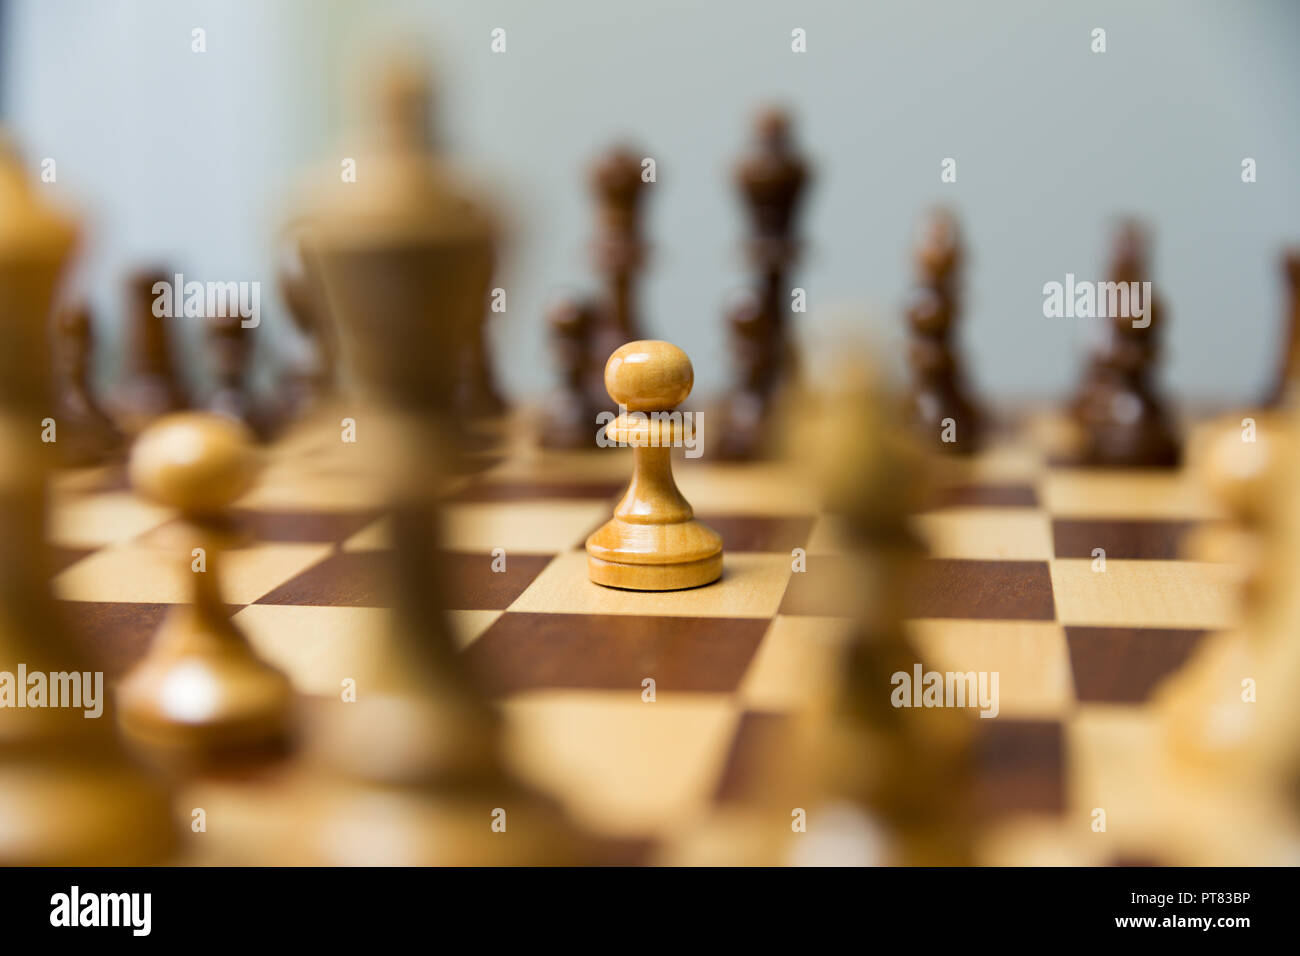 Pion, debout au milieu d'échiquier. Courage et concept de leadership. Banque D'Images